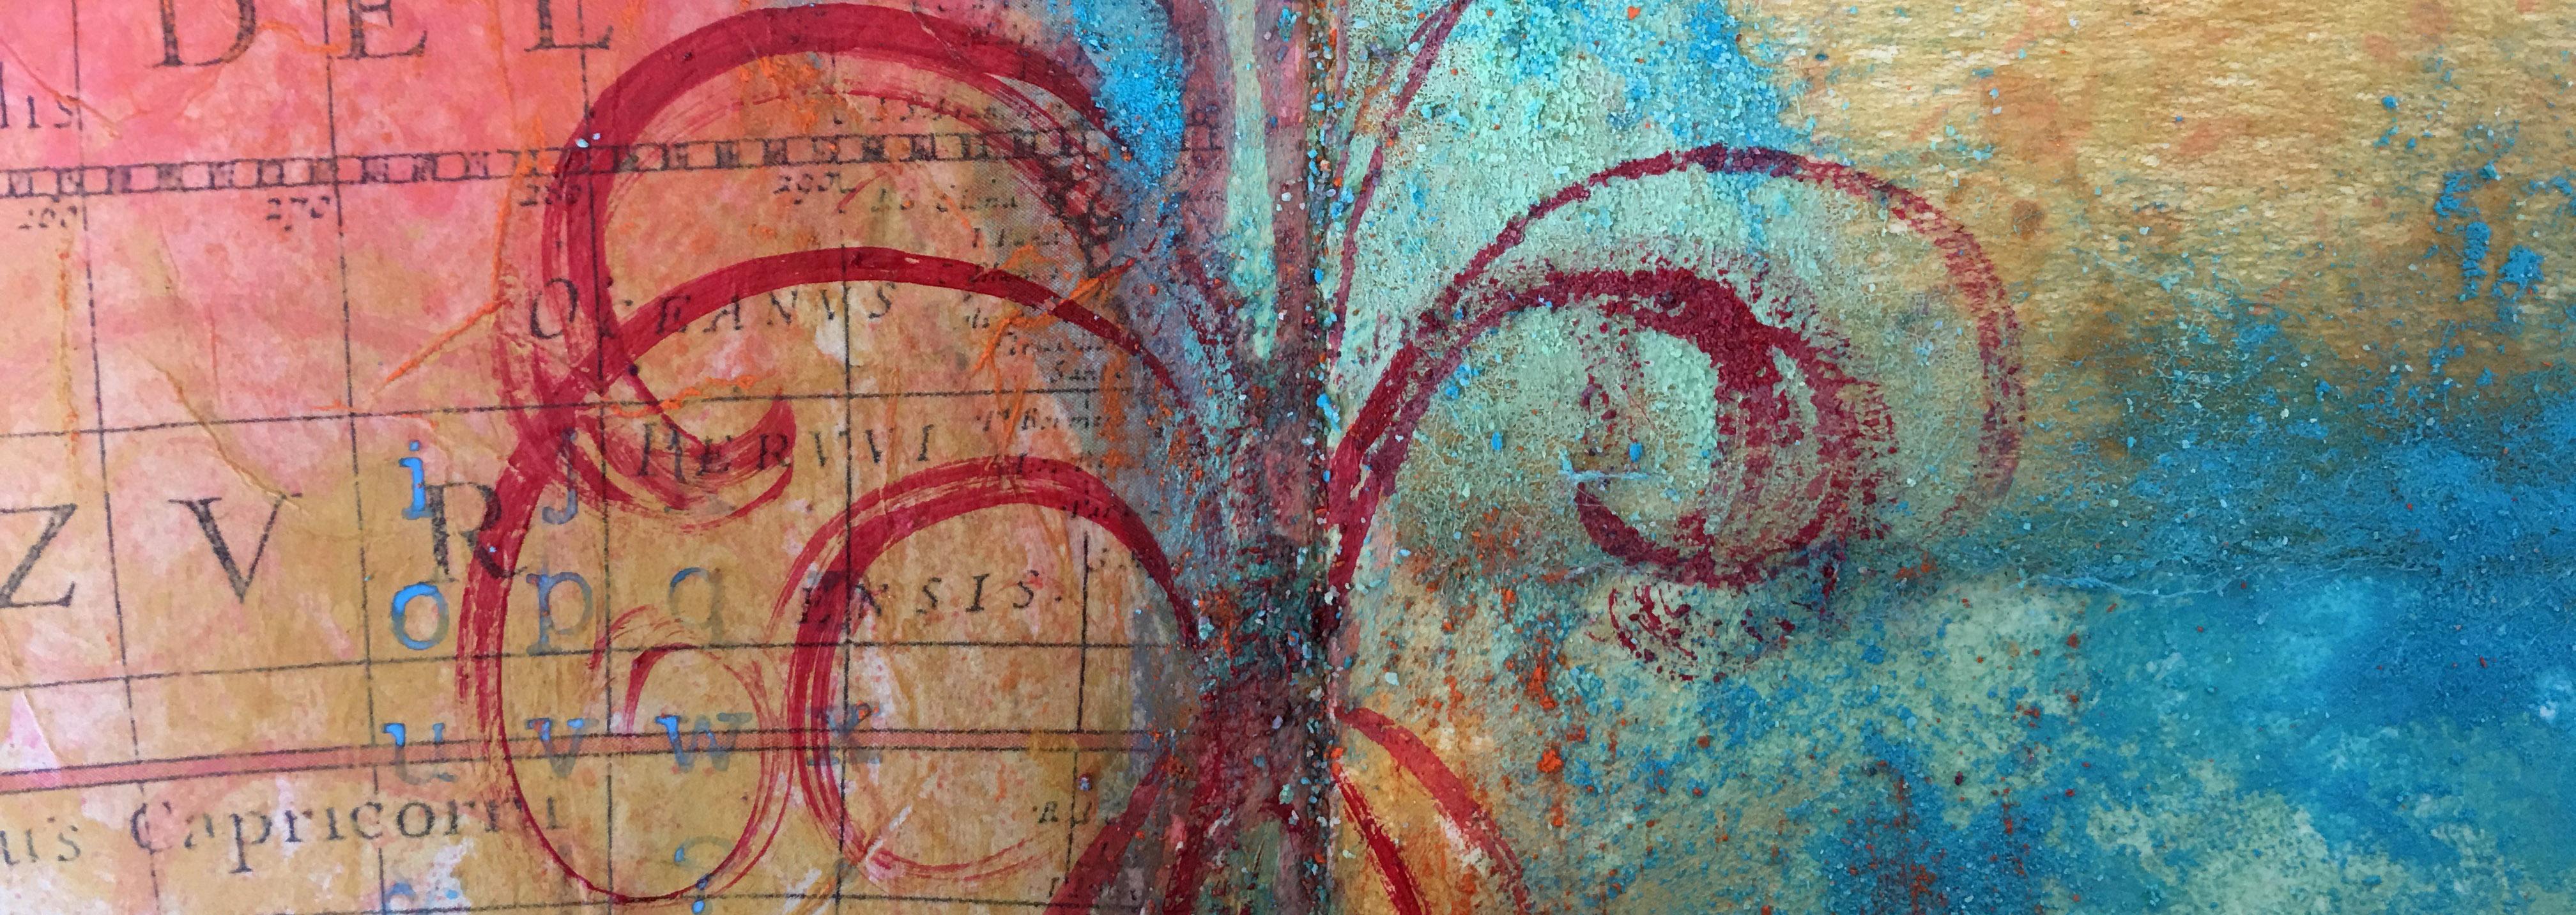 art journaling in studio 127